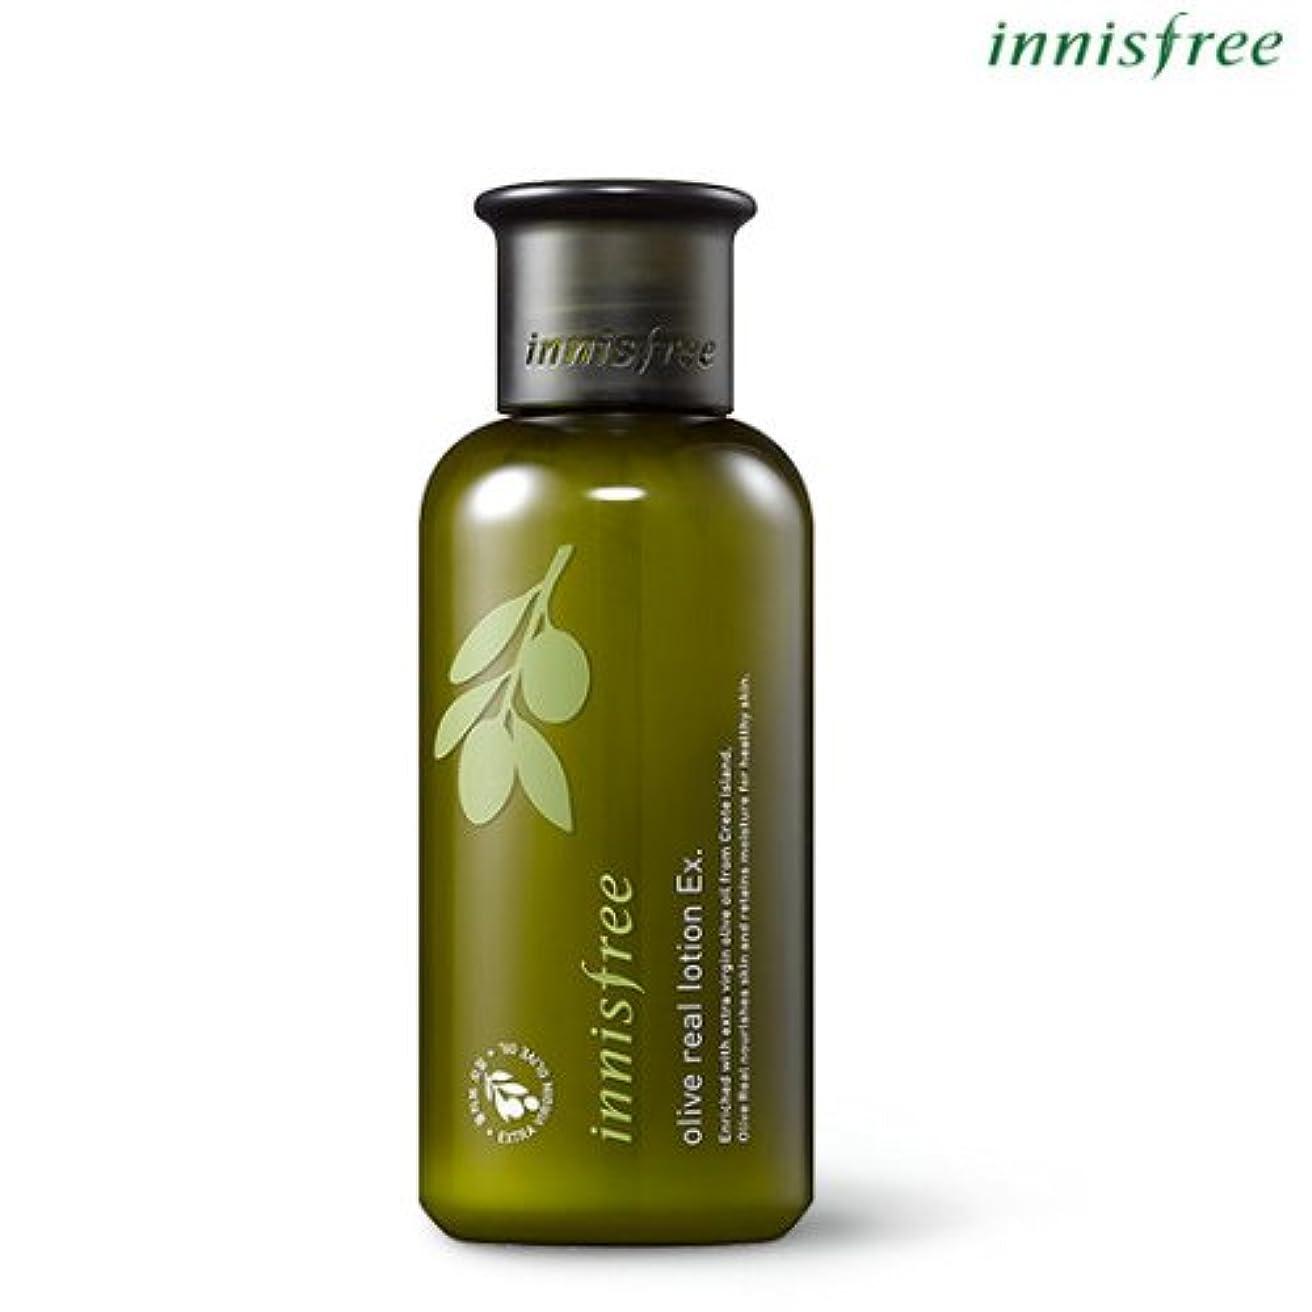 仕出しますショッピングセンターバレル[INNISFREE]イニスフリーオリーブリアルローションEx.160ml olive real lotion Ex.160ml [並行輸入品]